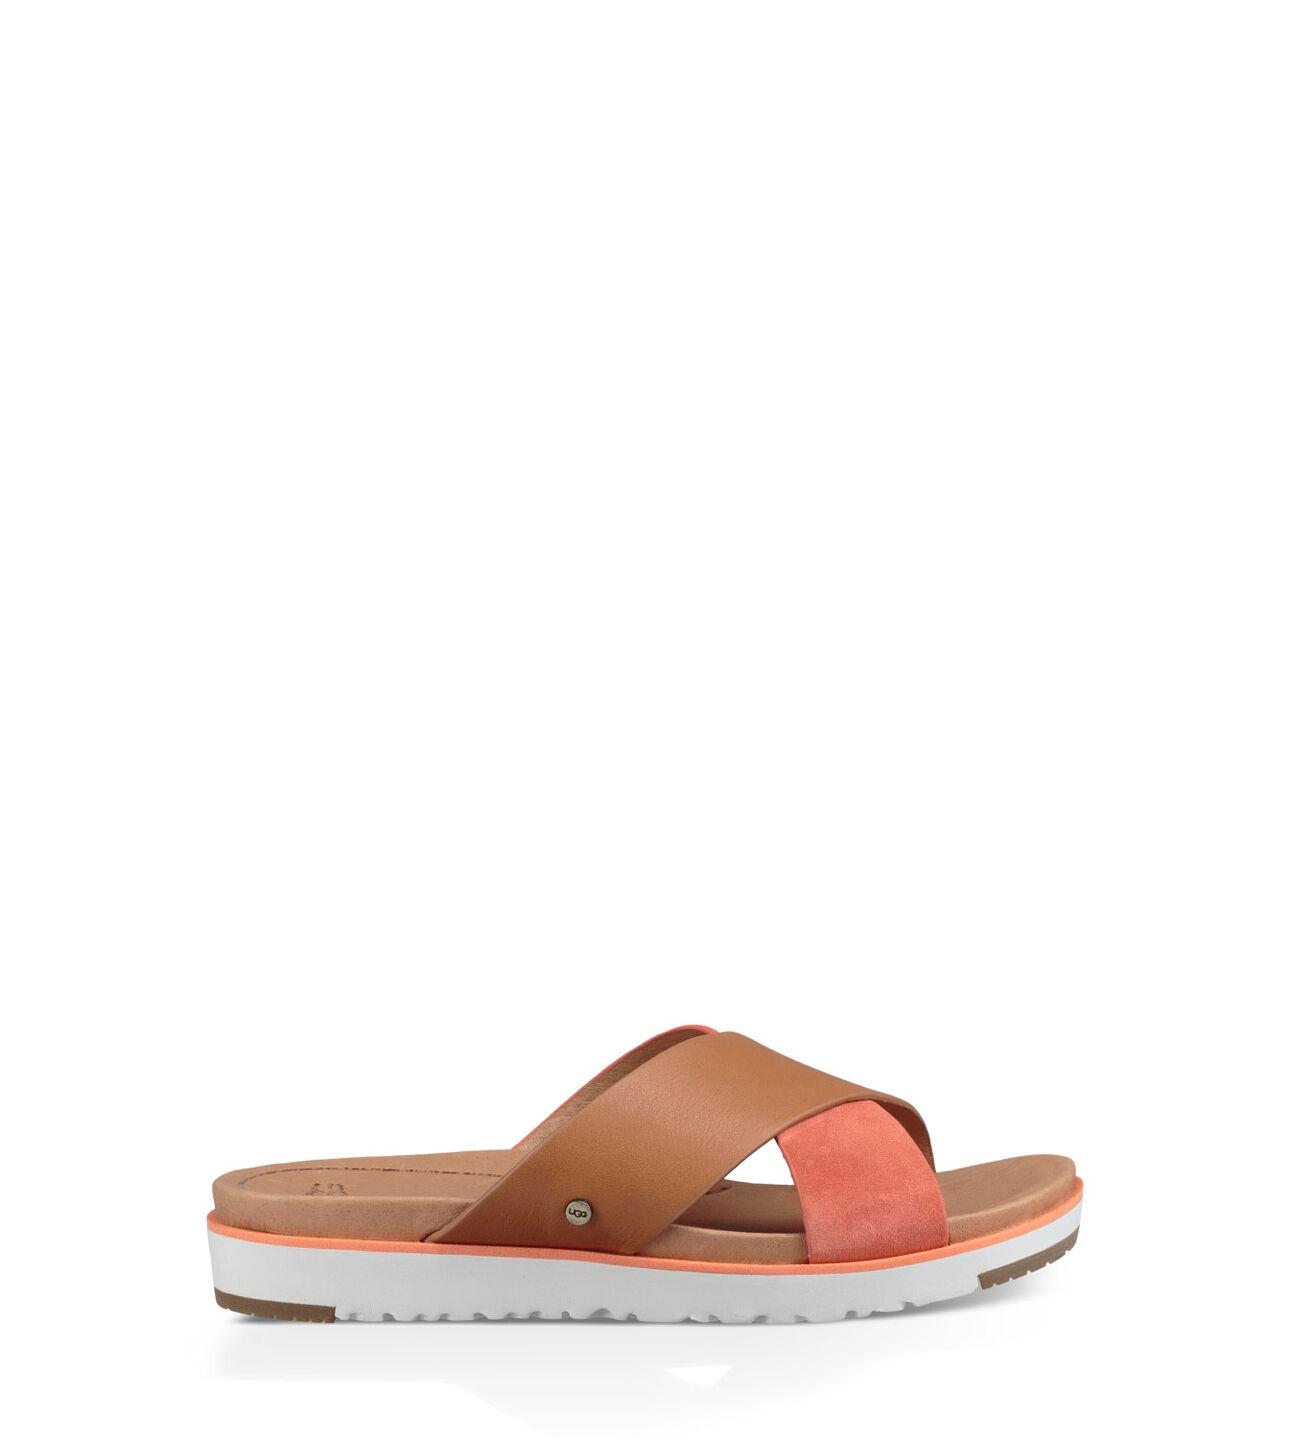 Womens Sandals Slides Platforms Ugg Official